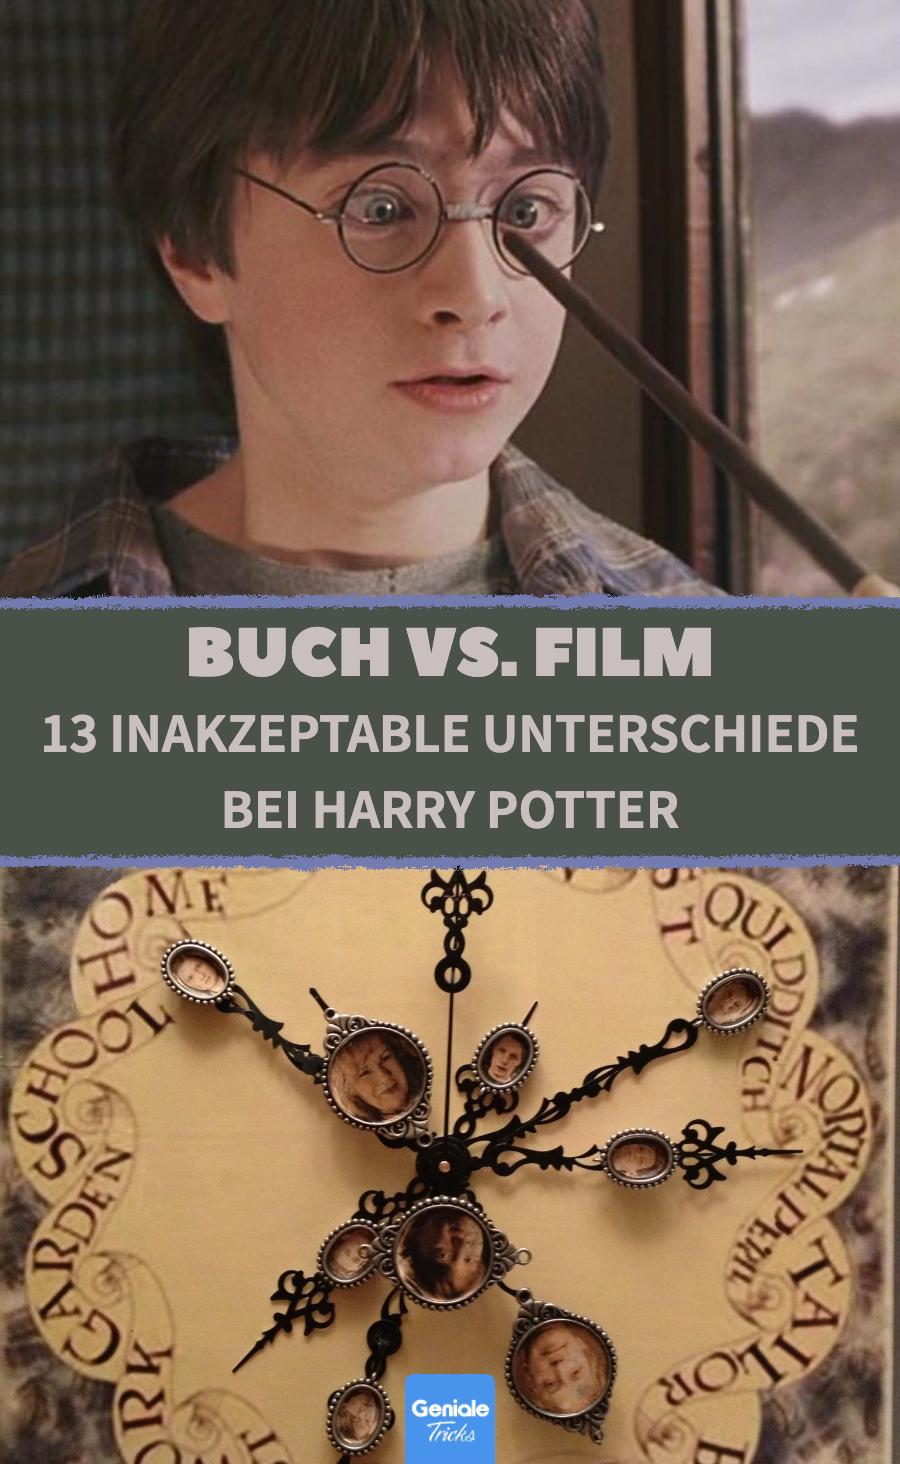 Die Harry-Potter-Saga: 13 Unterschiede zwischen den Büchern und Filmen